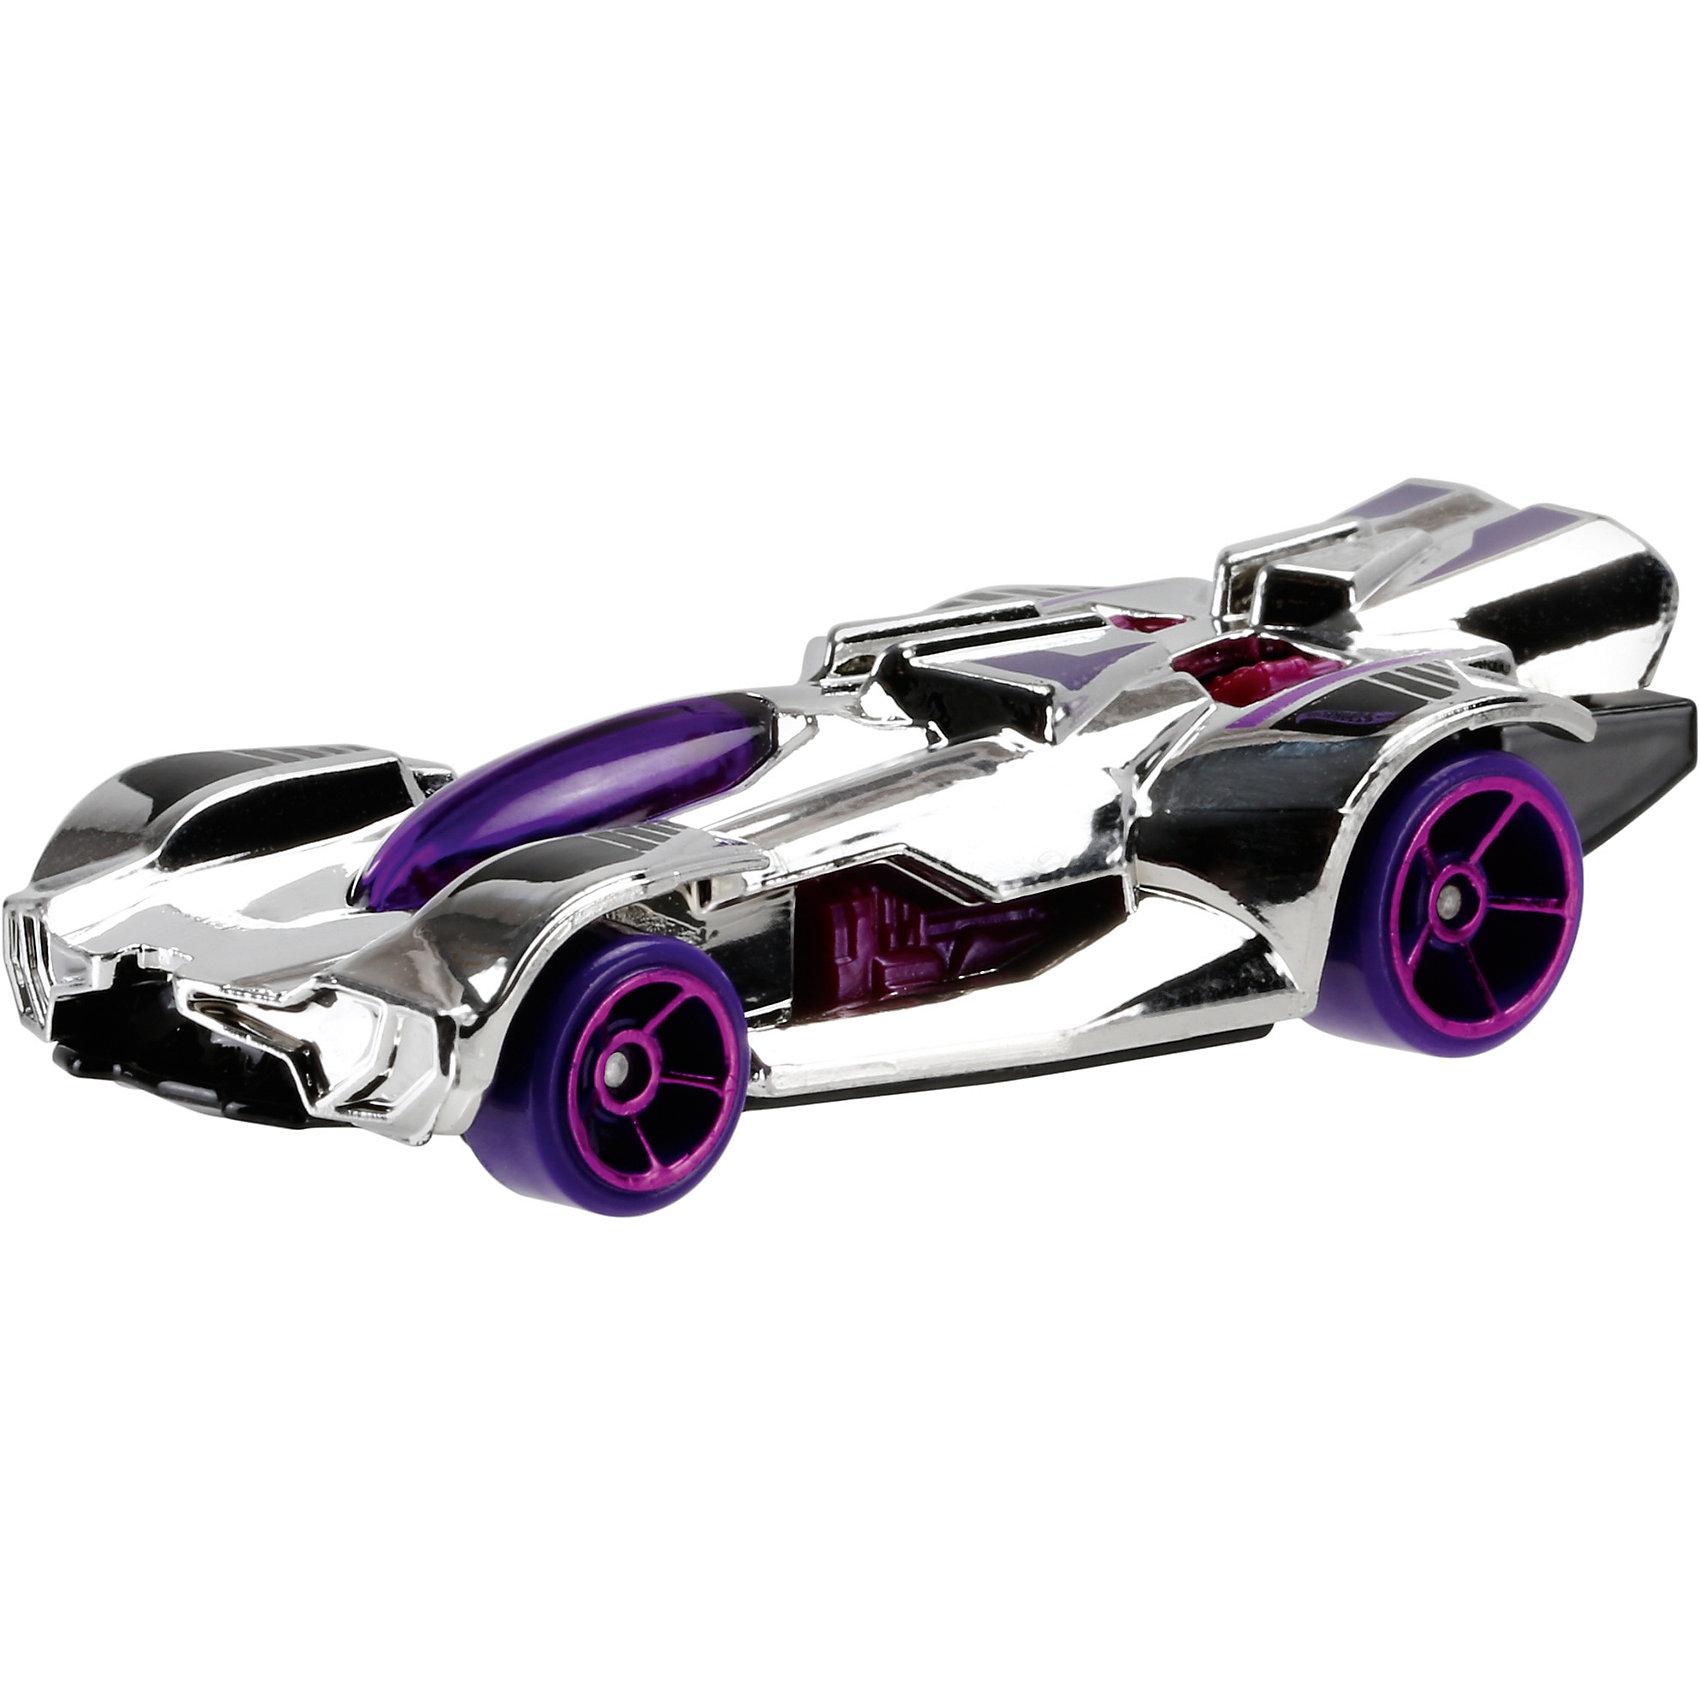 Машинка Hot Wheels из базовой коллекцииМашинка Hot Wheels из базовой коллекции – высококачественная масштабная модель машины, имеющая неординарный, радикальный дизайн. <br><br>В упаковке 1 машинка,  машинки тематически обусловлены от фантазийных, спасательных до экстремальных и просто скоростных машин. <br><br>Соберите свою коллекцию машинок Hot Wheels!<br><br>Дополнительная информация: <br><br>Машинка стандартного размера Hot Wheels<br>Размер упаковки: 11 х 10,5 х 3,5 см<br><br>Ширина мм: 110<br>Глубина мм: 45<br>Высота мм: 110<br>Вес г: 30<br>Возраст от месяцев: 36<br>Возраст до месяцев: 96<br>Пол: Мужской<br>Возраст: Детский<br>SKU: 4888923